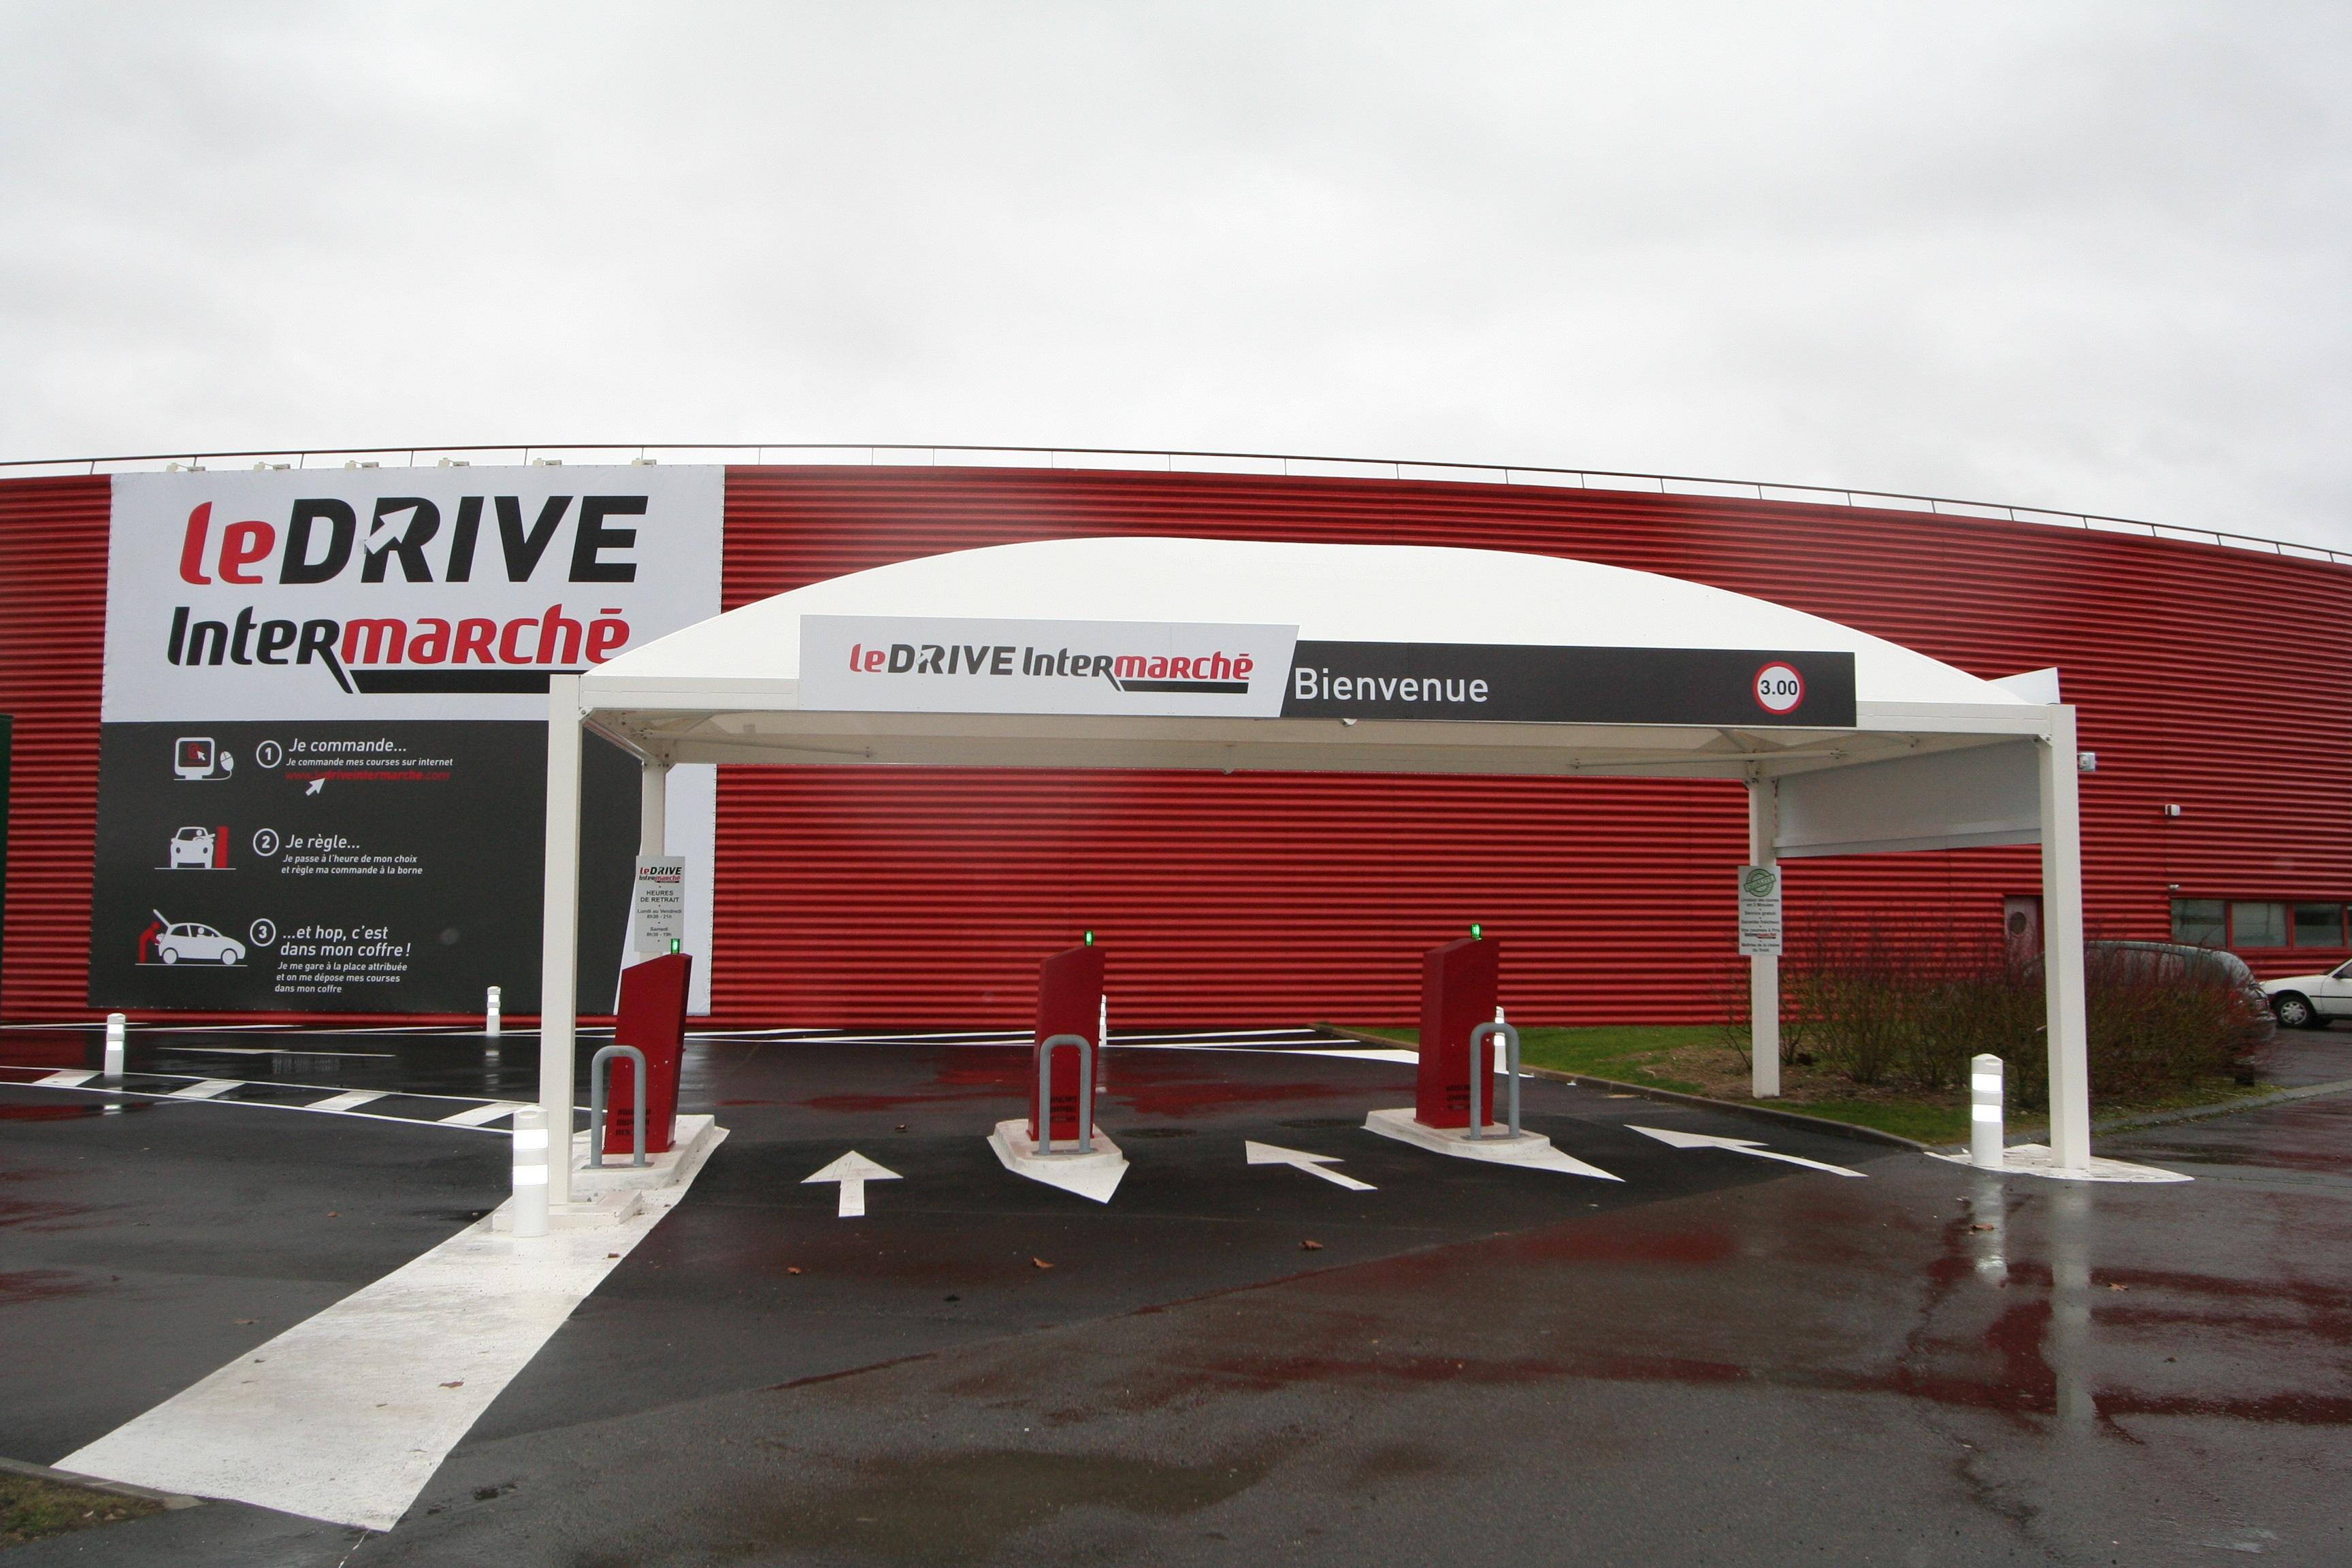 Abri drive pour Intermarché